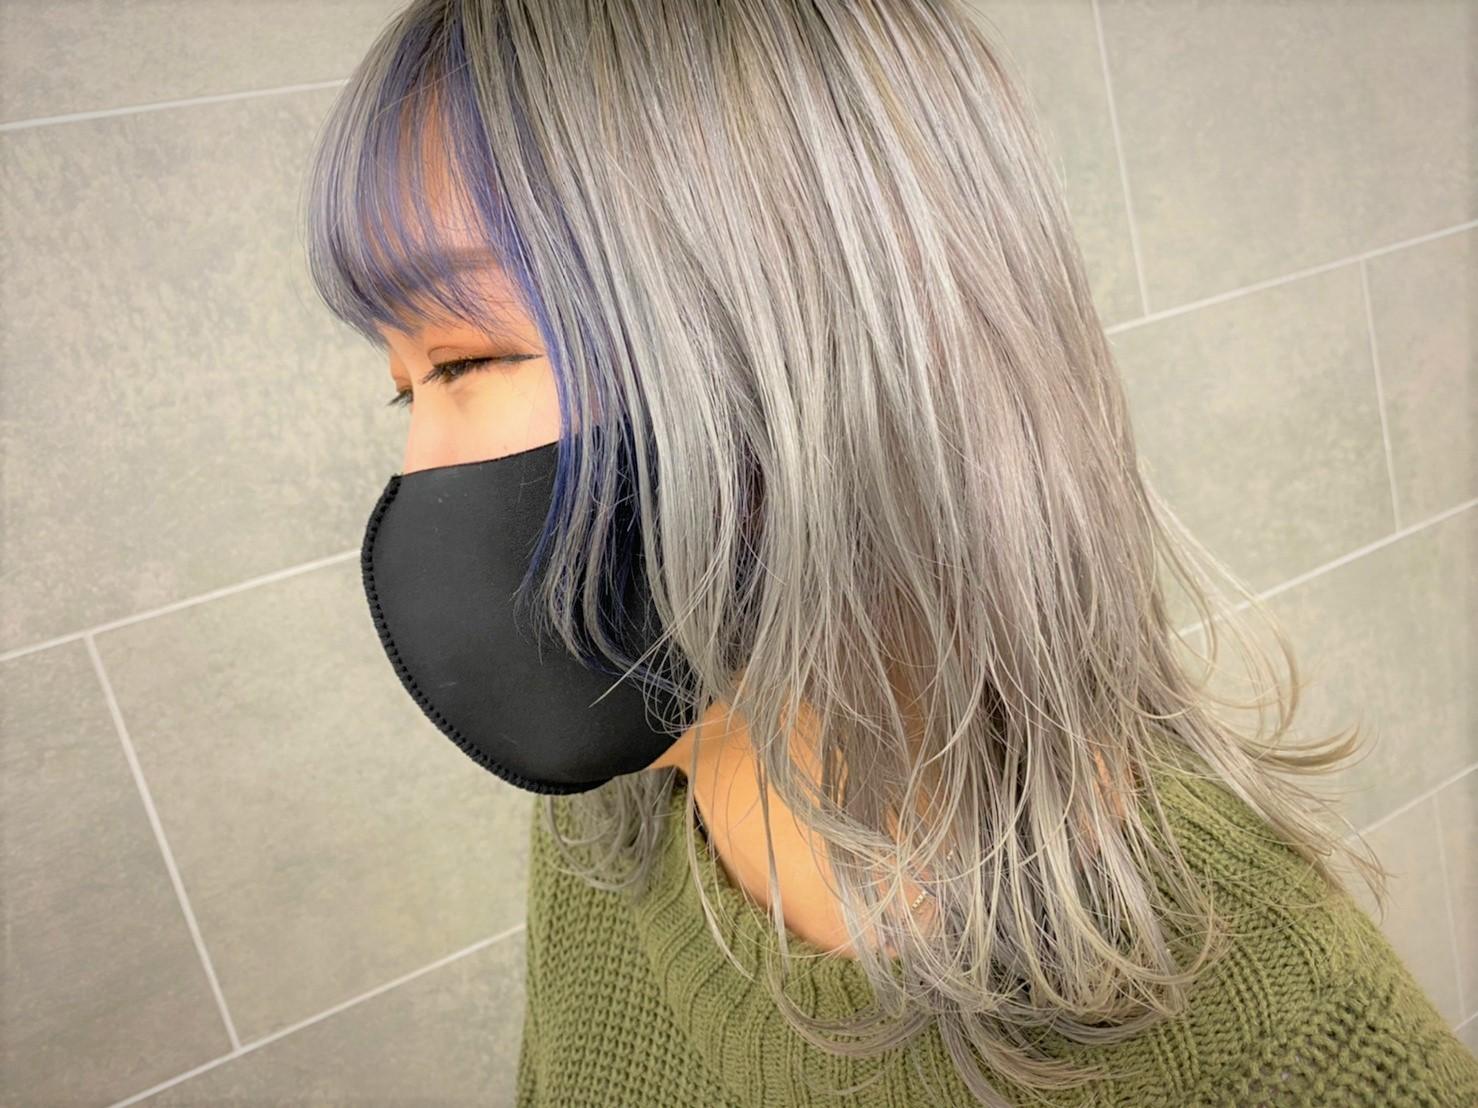 顔周りが青色で全体が銀色のヘアスタイル